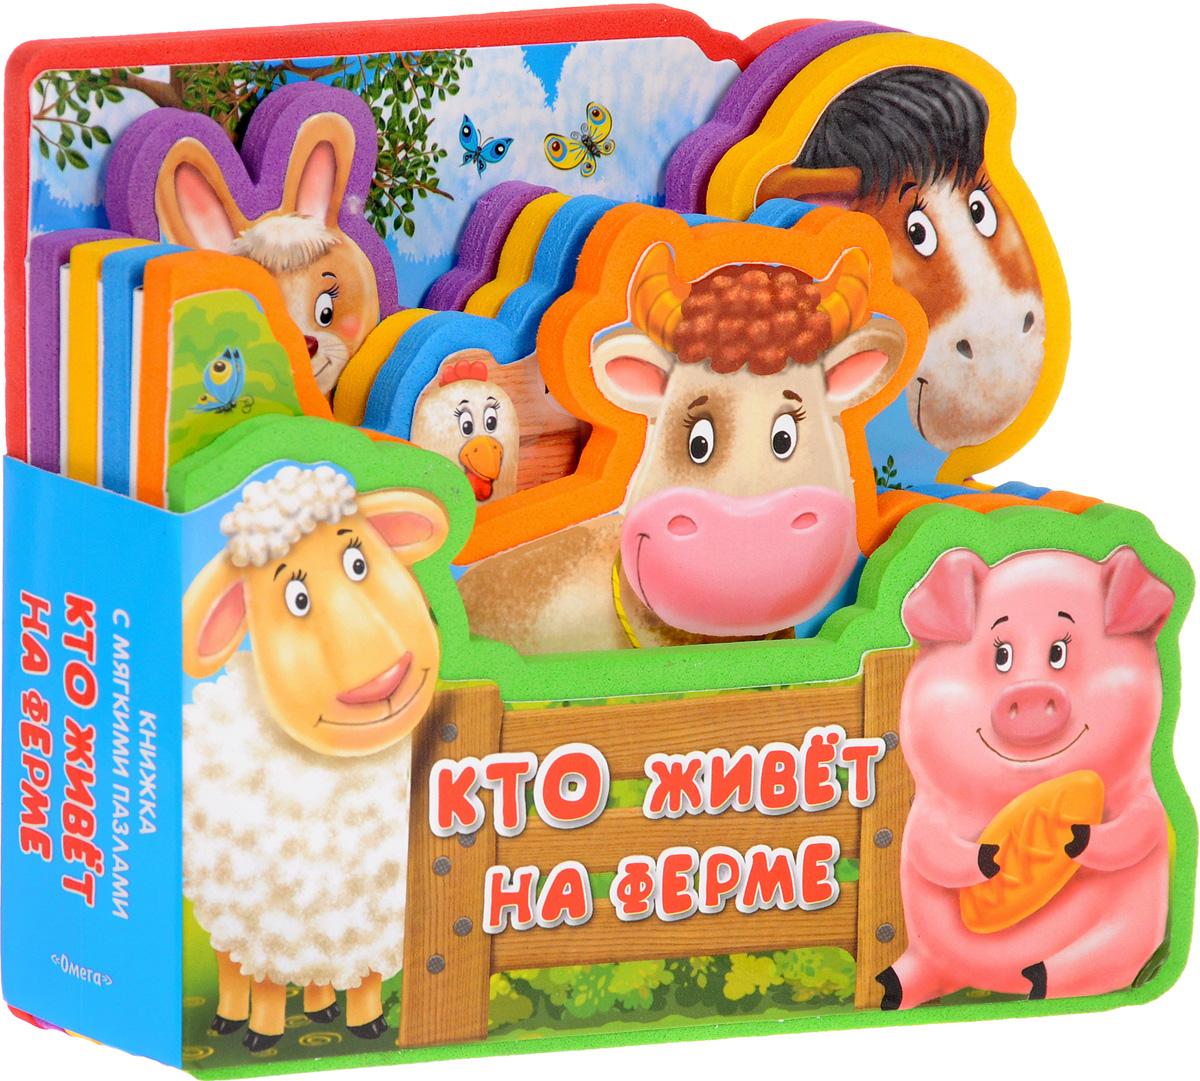 Кто живет на ферме. Книжка-игрушка какой велик годовалому малышу